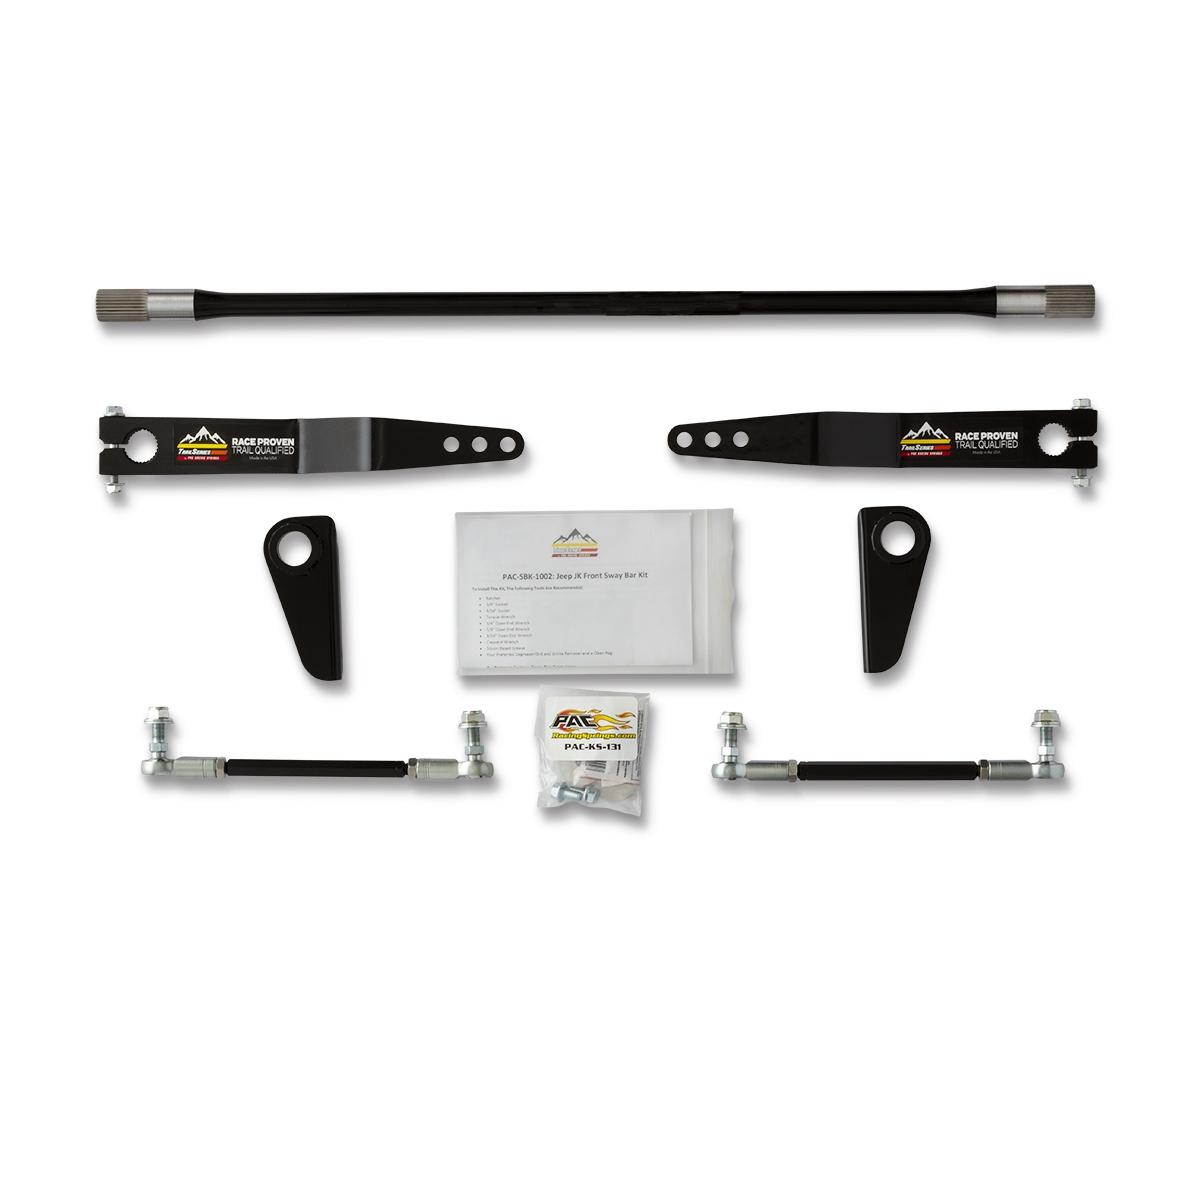 Jeep JK Sway Bar Kits